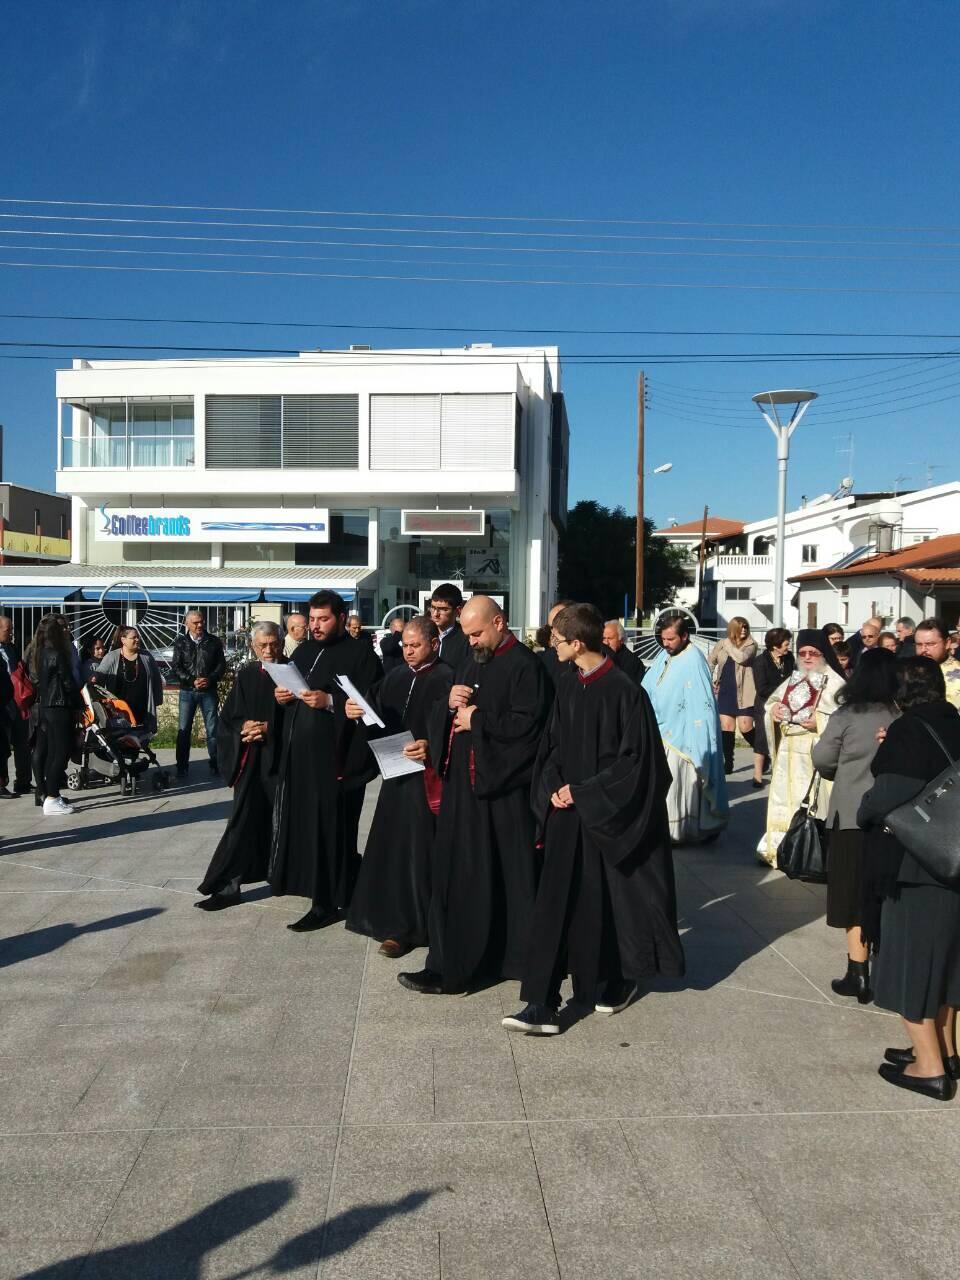 Ιερός Ναός Αγίων Κωνσταντίνου και Ελένης Λευκωσίας